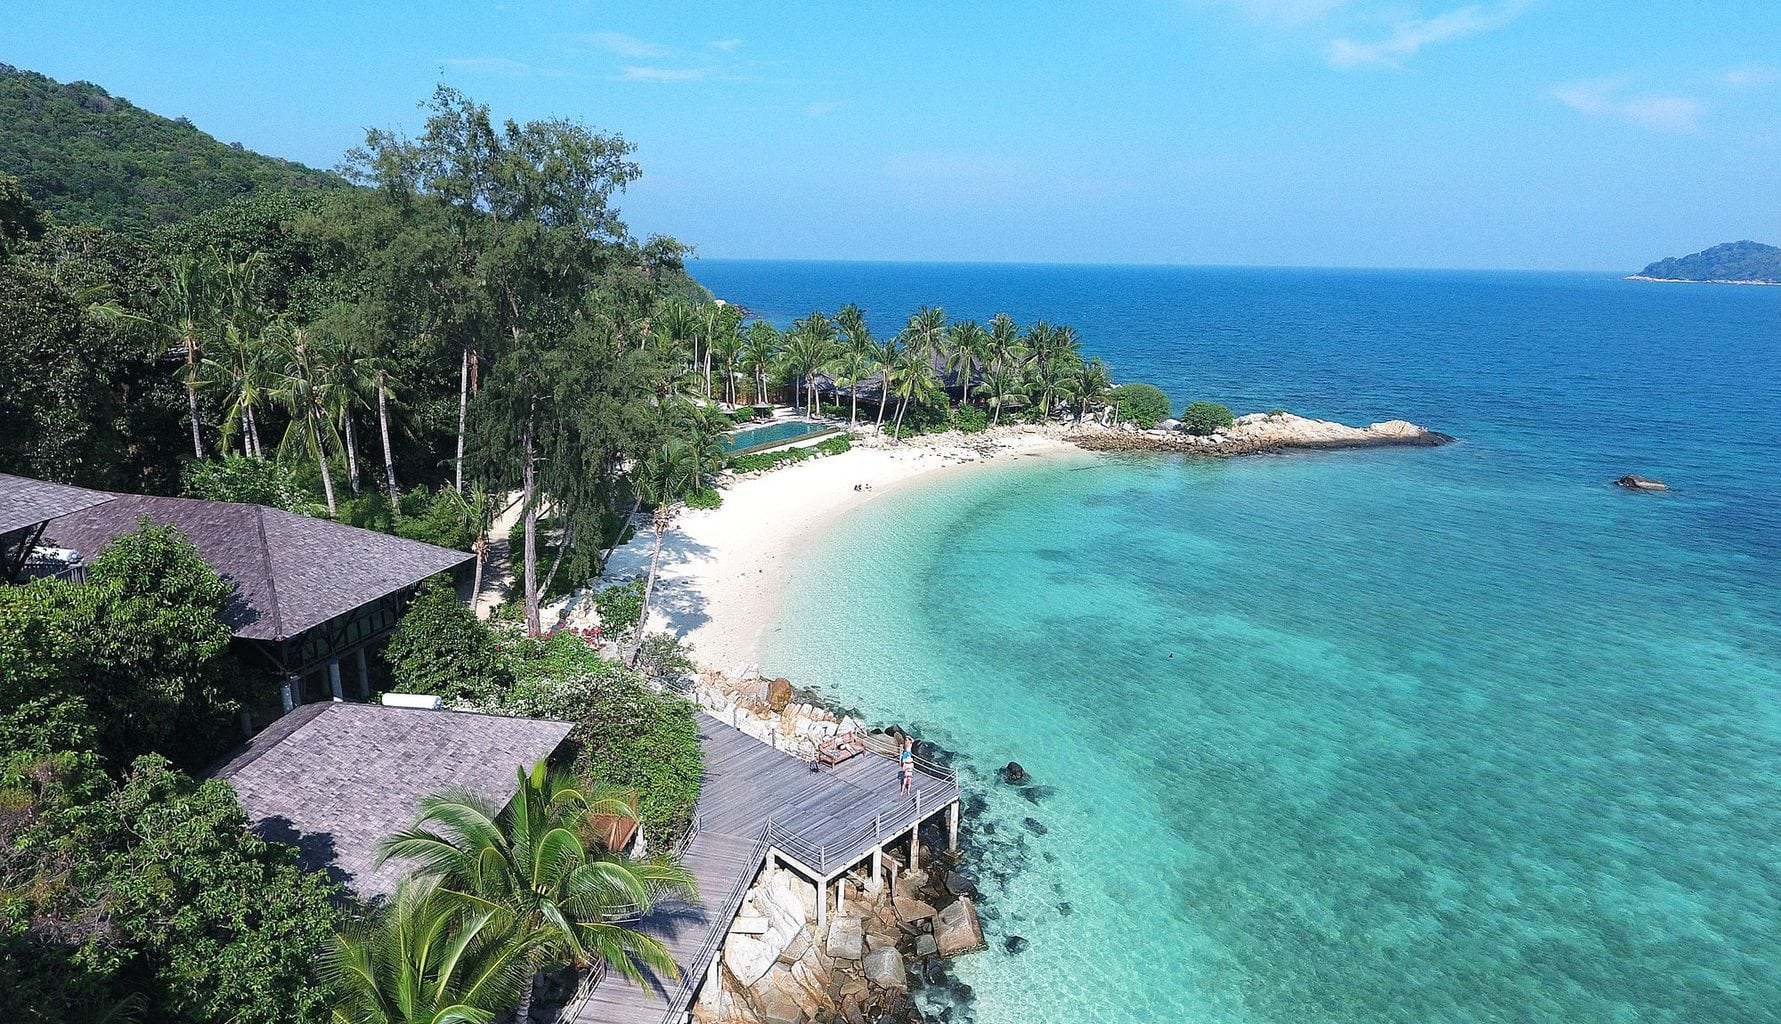 Sea facing villa in Batu Batu